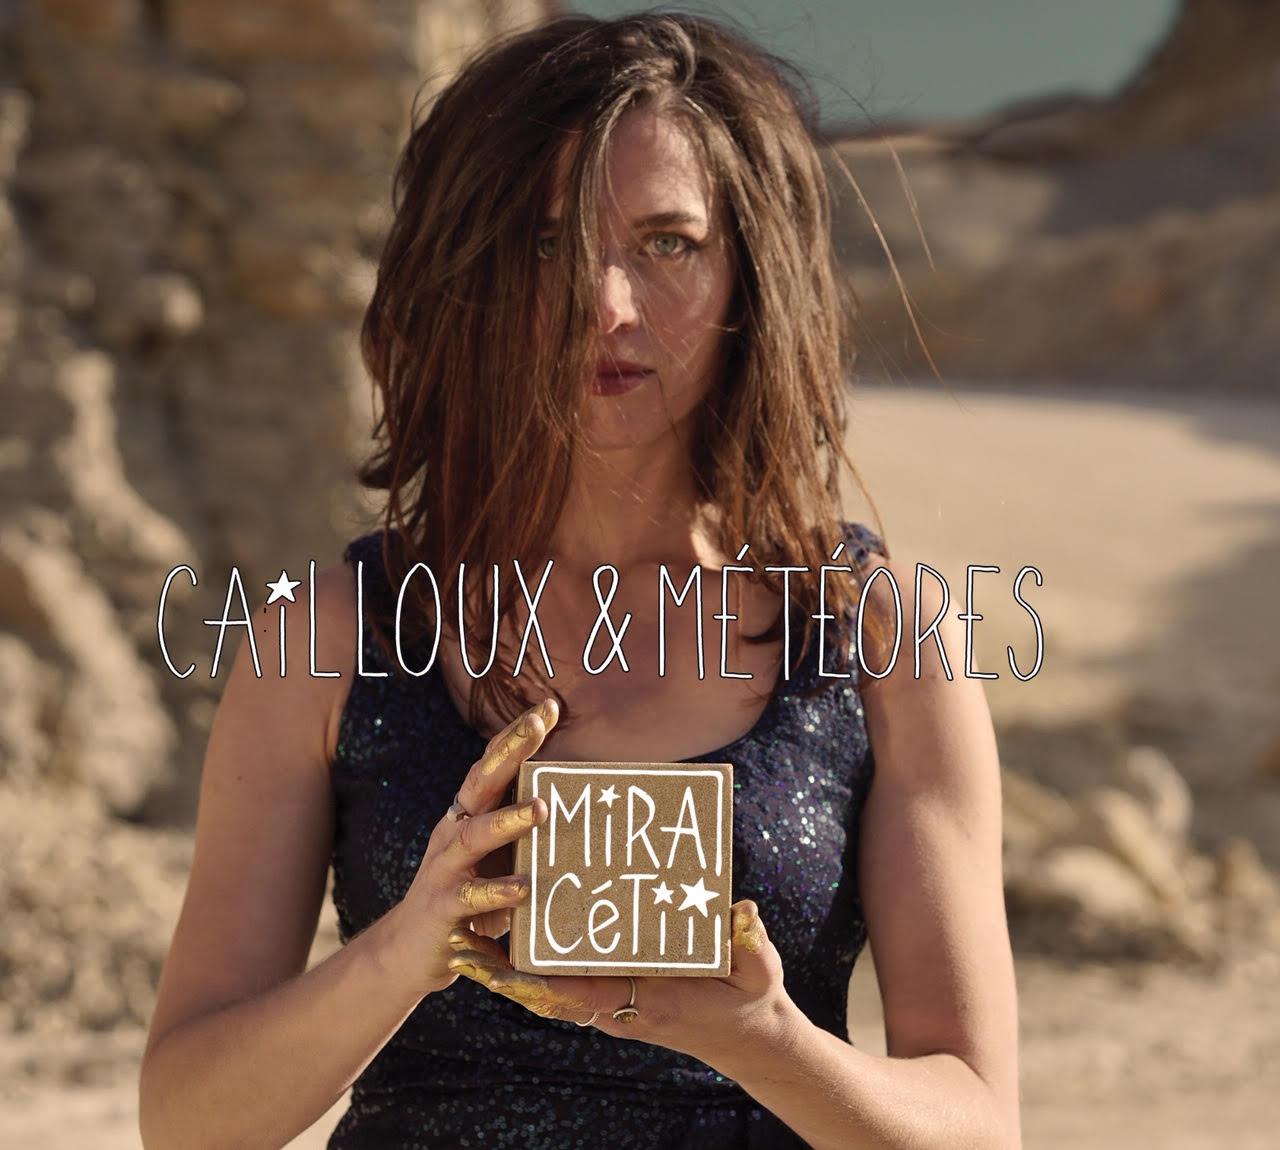 Pochette de l'album de Mira Cetii